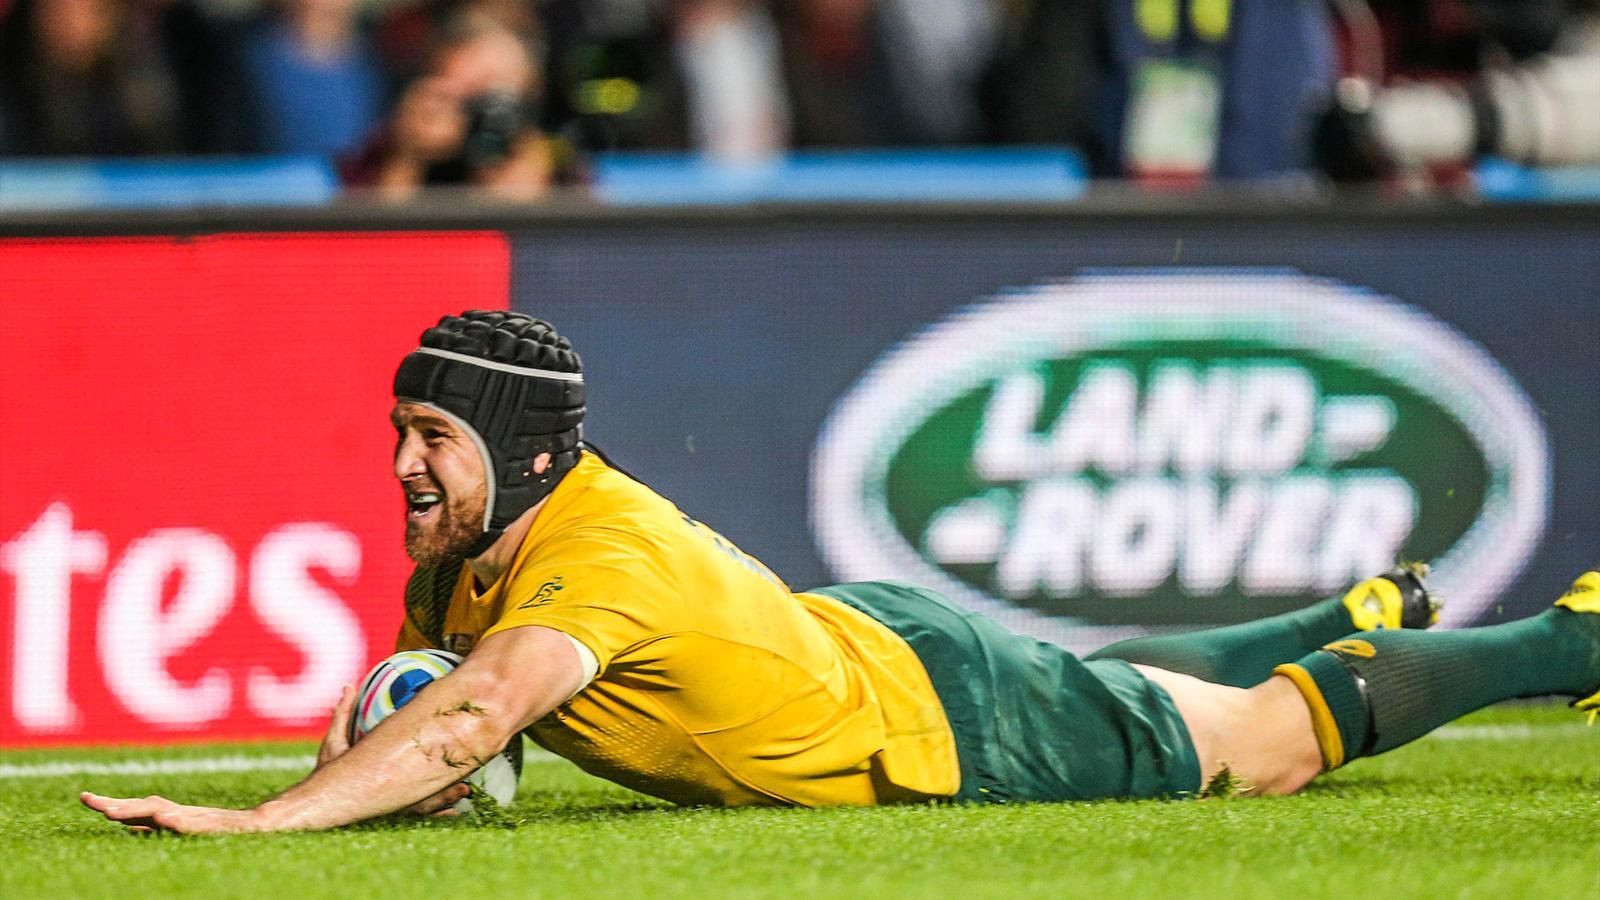 Live australie ecosse quart de finale coupe du monde 2015 rugby eurosport live score - Score coupe du monde de rugby 2015 ...